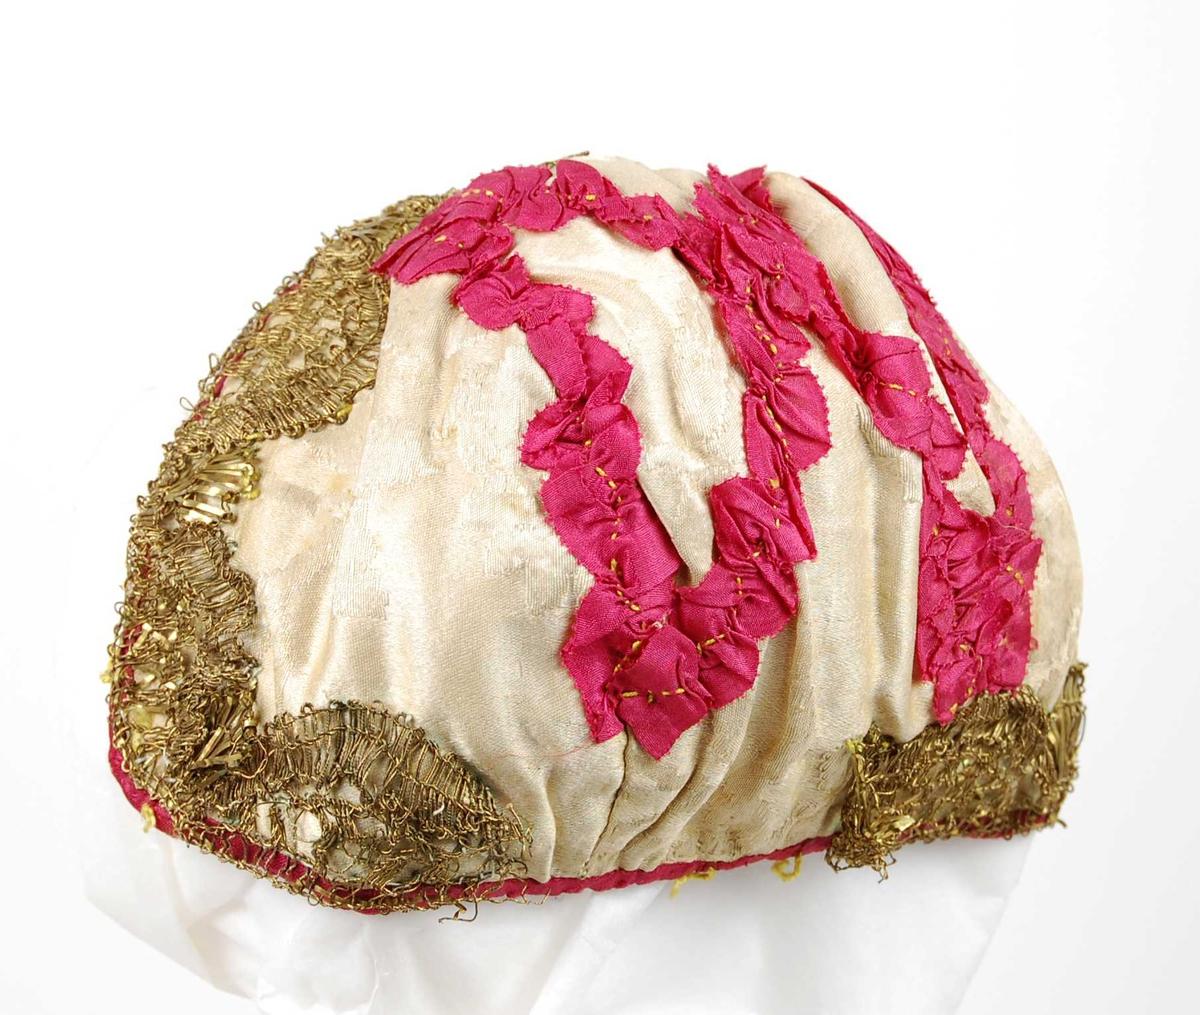 Lue i tre deler: midtstykke fra panne til nakke, et trekantet avrundet stykke mot midtstykket på hver side. Lua er sydd av rosa silkedamask, kantet med rød silke og fôret med bomull. Dekor av rødt silkebånd påsydd med gul tråd og kantet med gullfarget metallblonde. Blonden mangler et stykke på 4 cm midt bak.